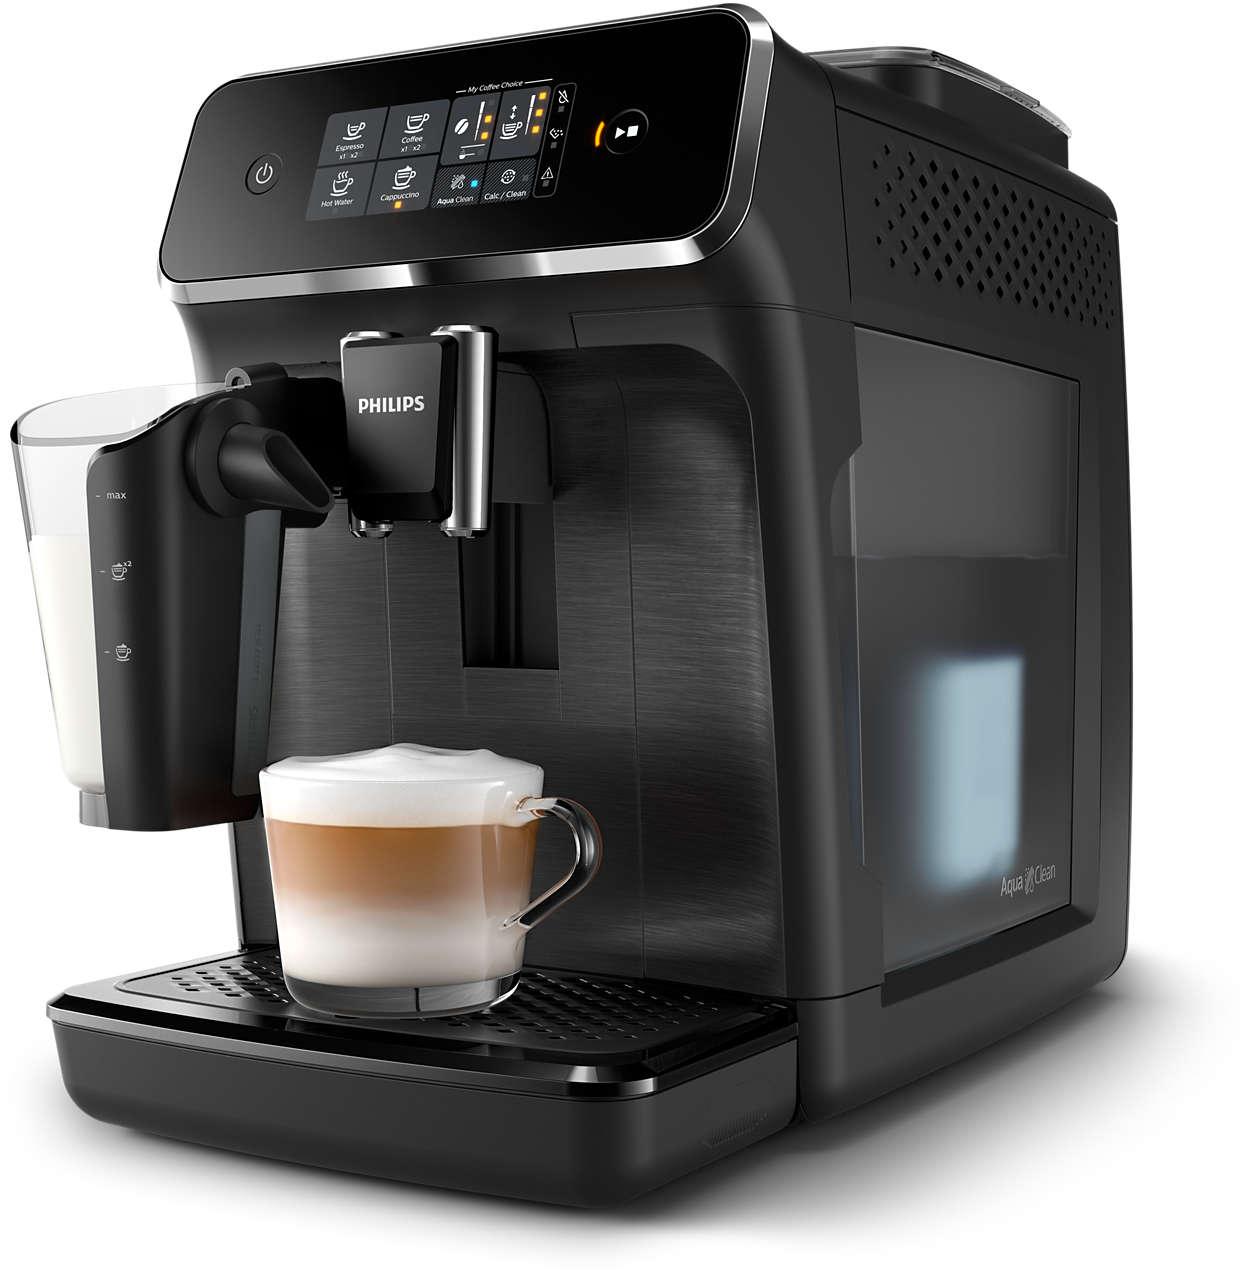 3délicieux cafés provenant de grains frais, en toute simplicité.